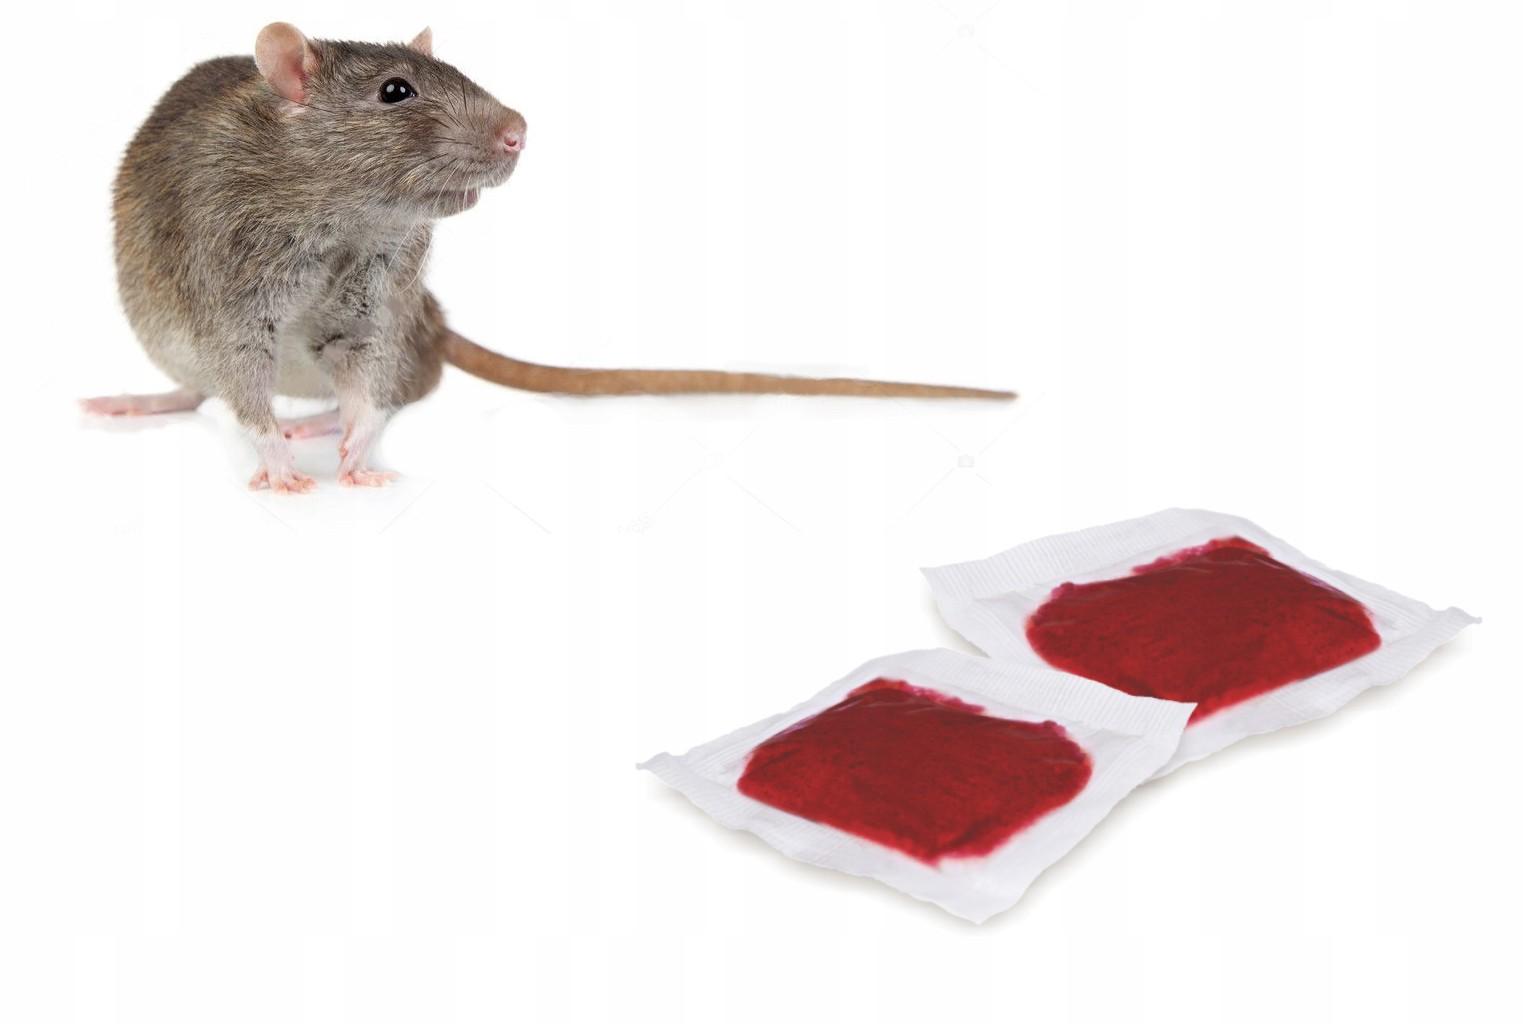 отрава для крыс фото финансах